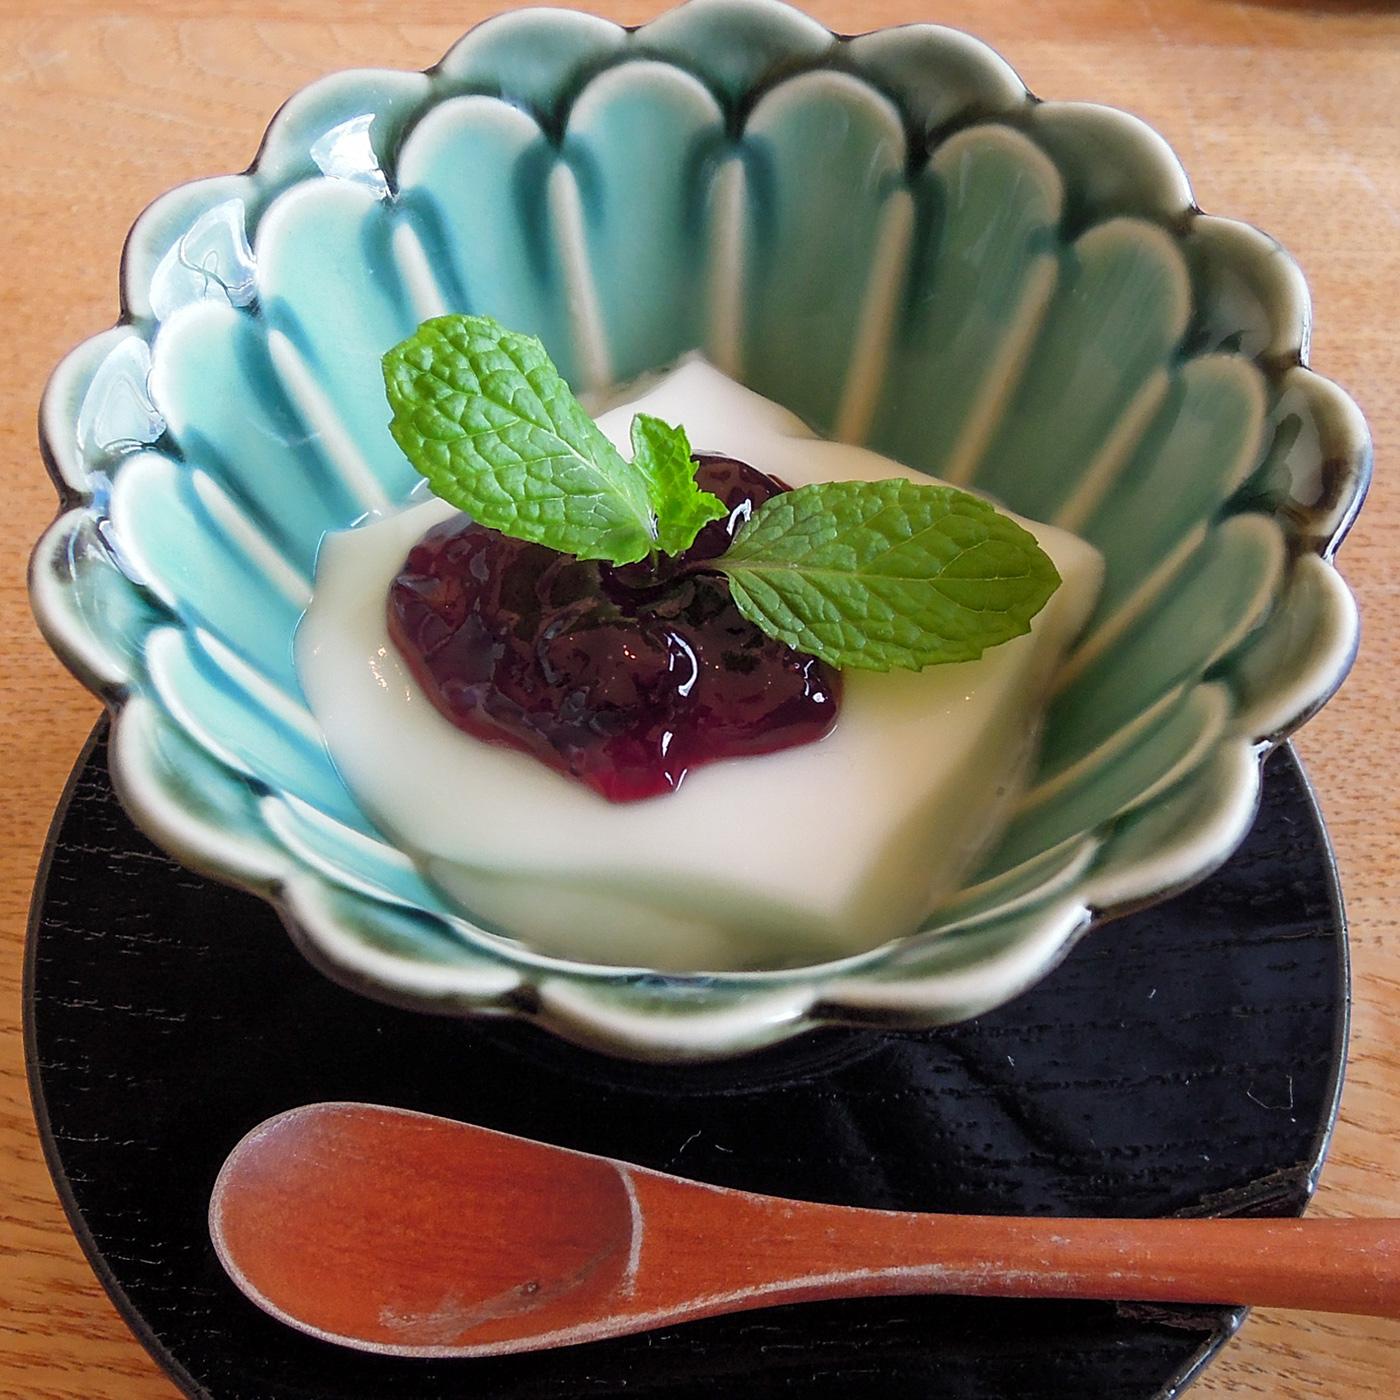 杏仁豆腐にブルーベリージャムをトッピング。ミントの葉が爽やか。